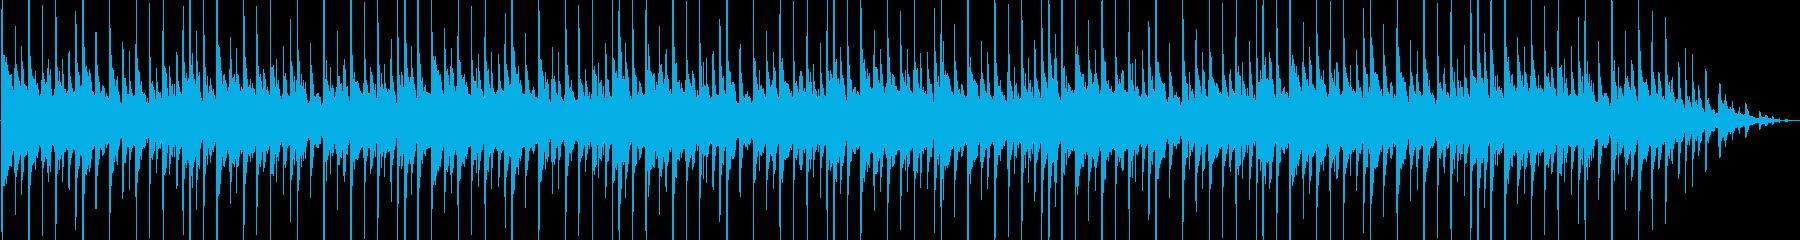 おしゃれで可愛いいエレピが印象的なハウスの再生済みの波形